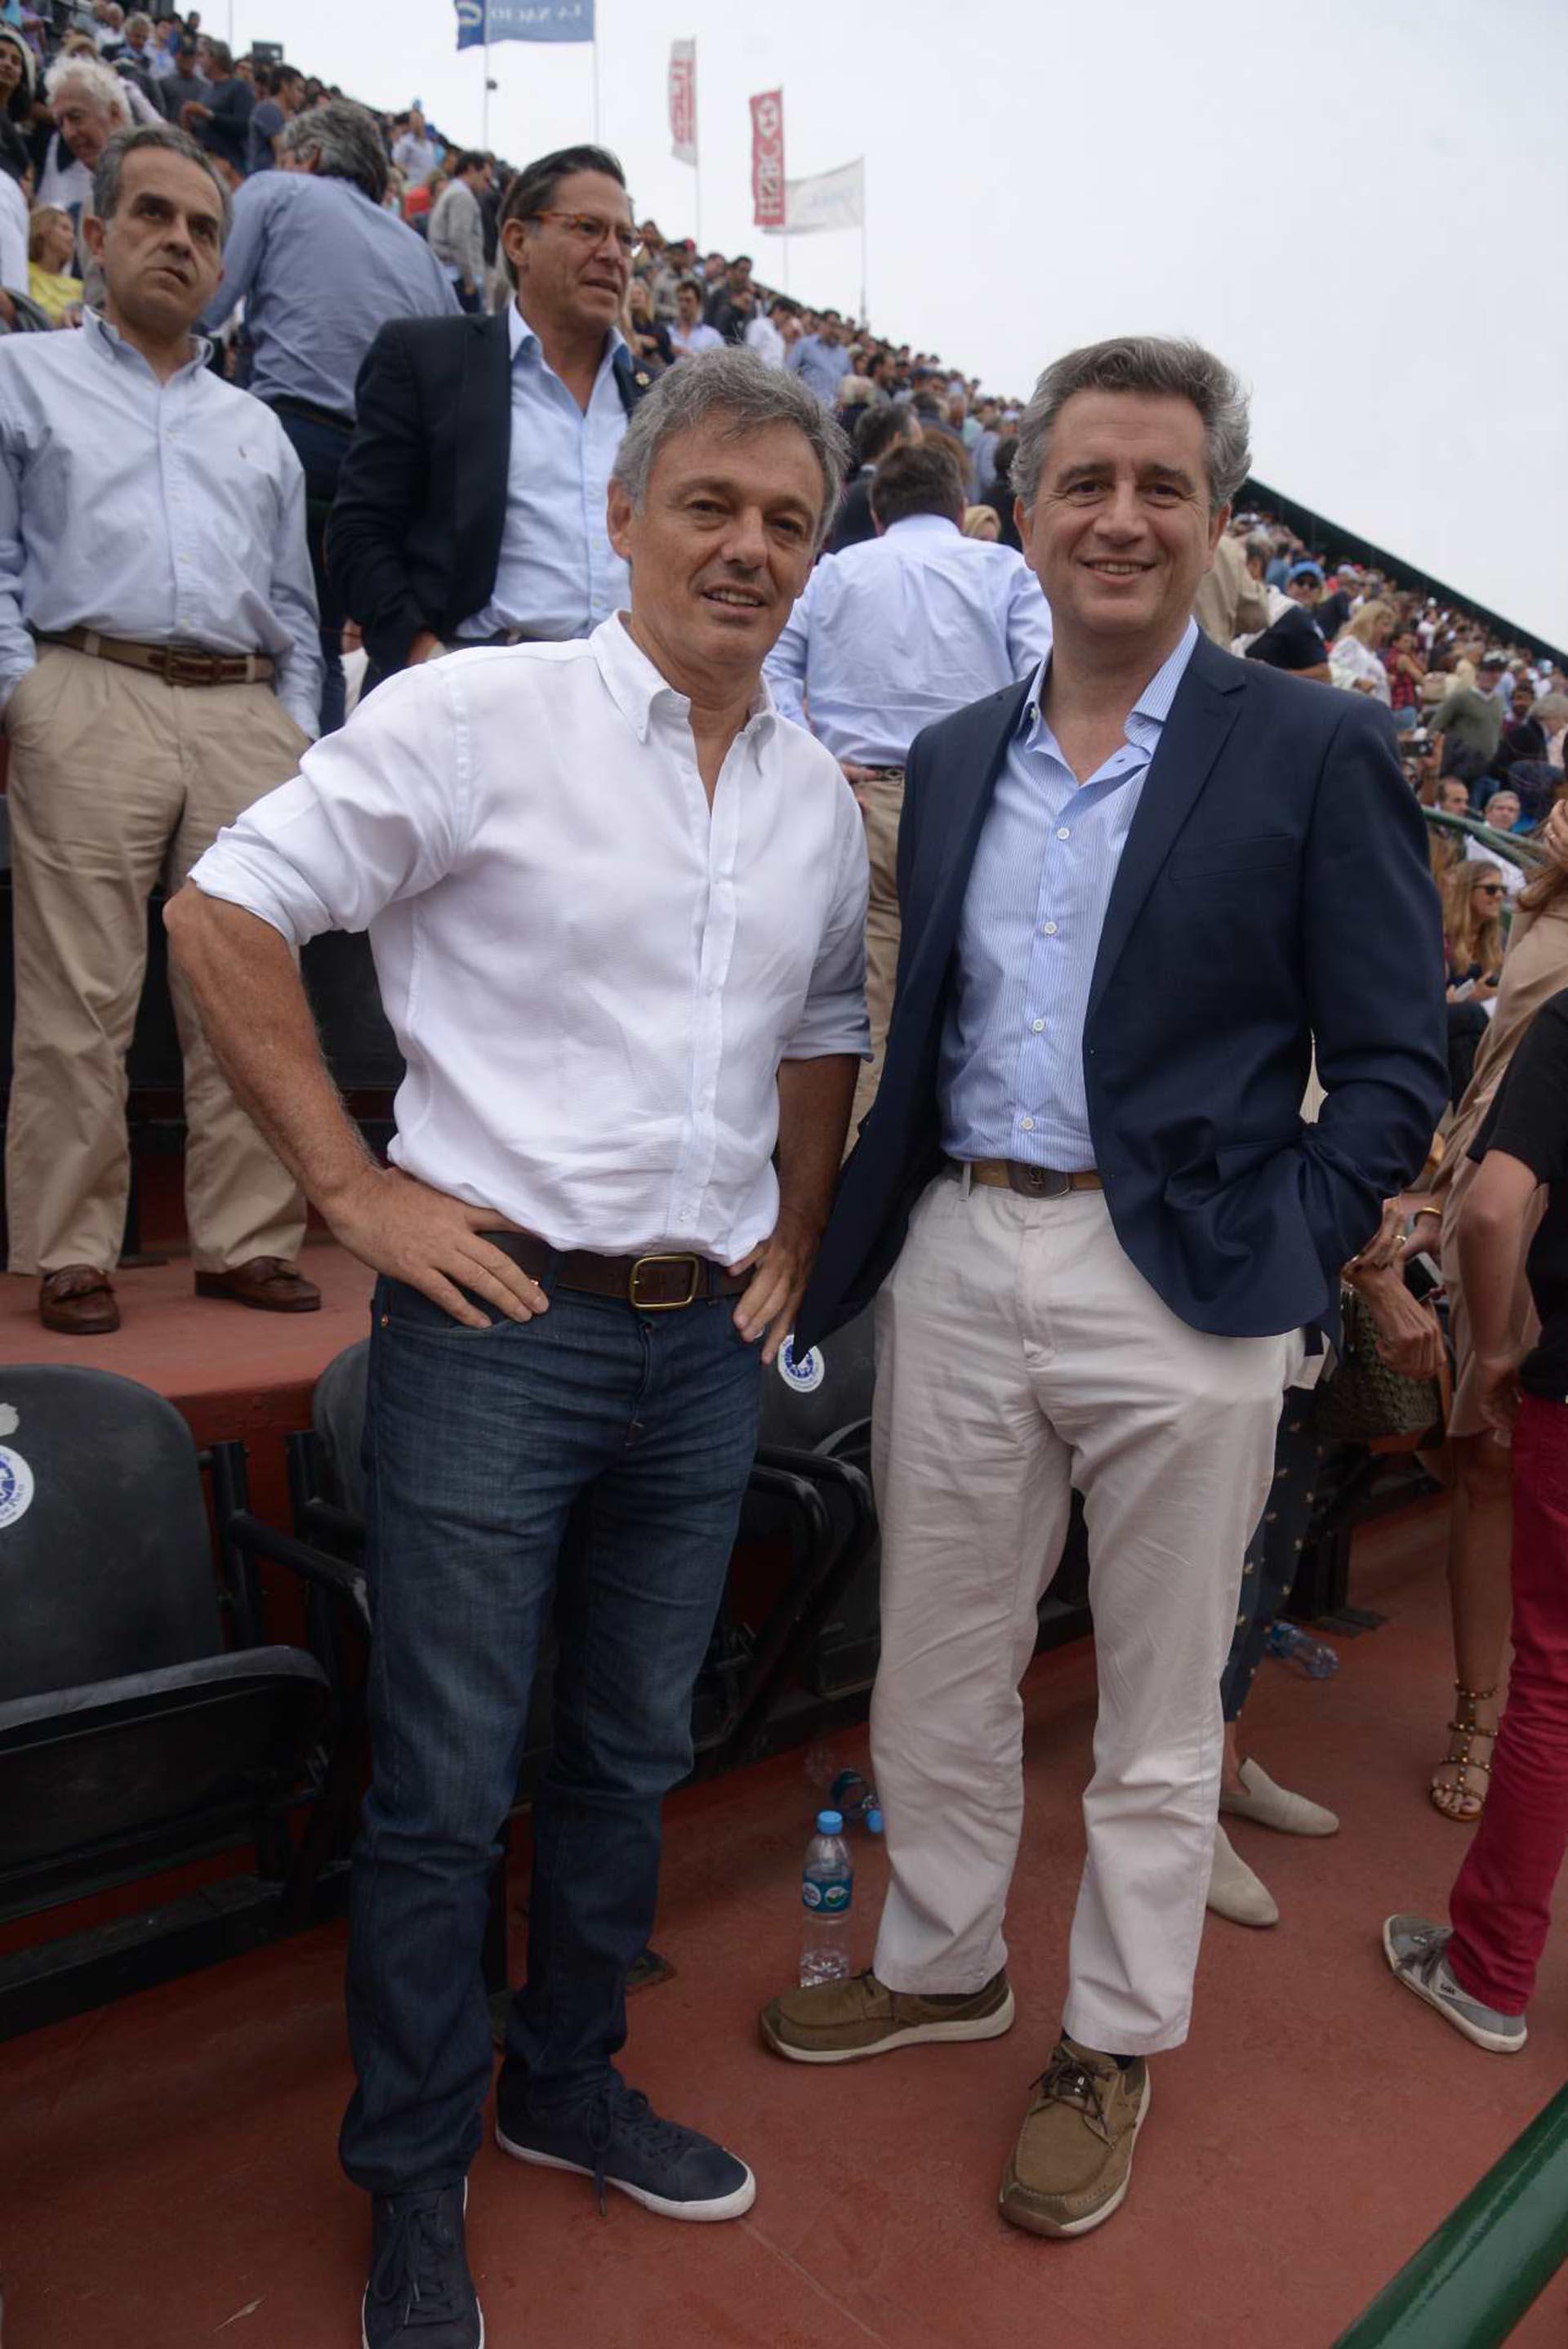 El ministro de Producción, Francisco Cabrera, junto al ministro de Agroindustria, Luis Miguel Etchevehere, entre los asistentes al Campeonato Argentino Abierto de Polo de Palermo